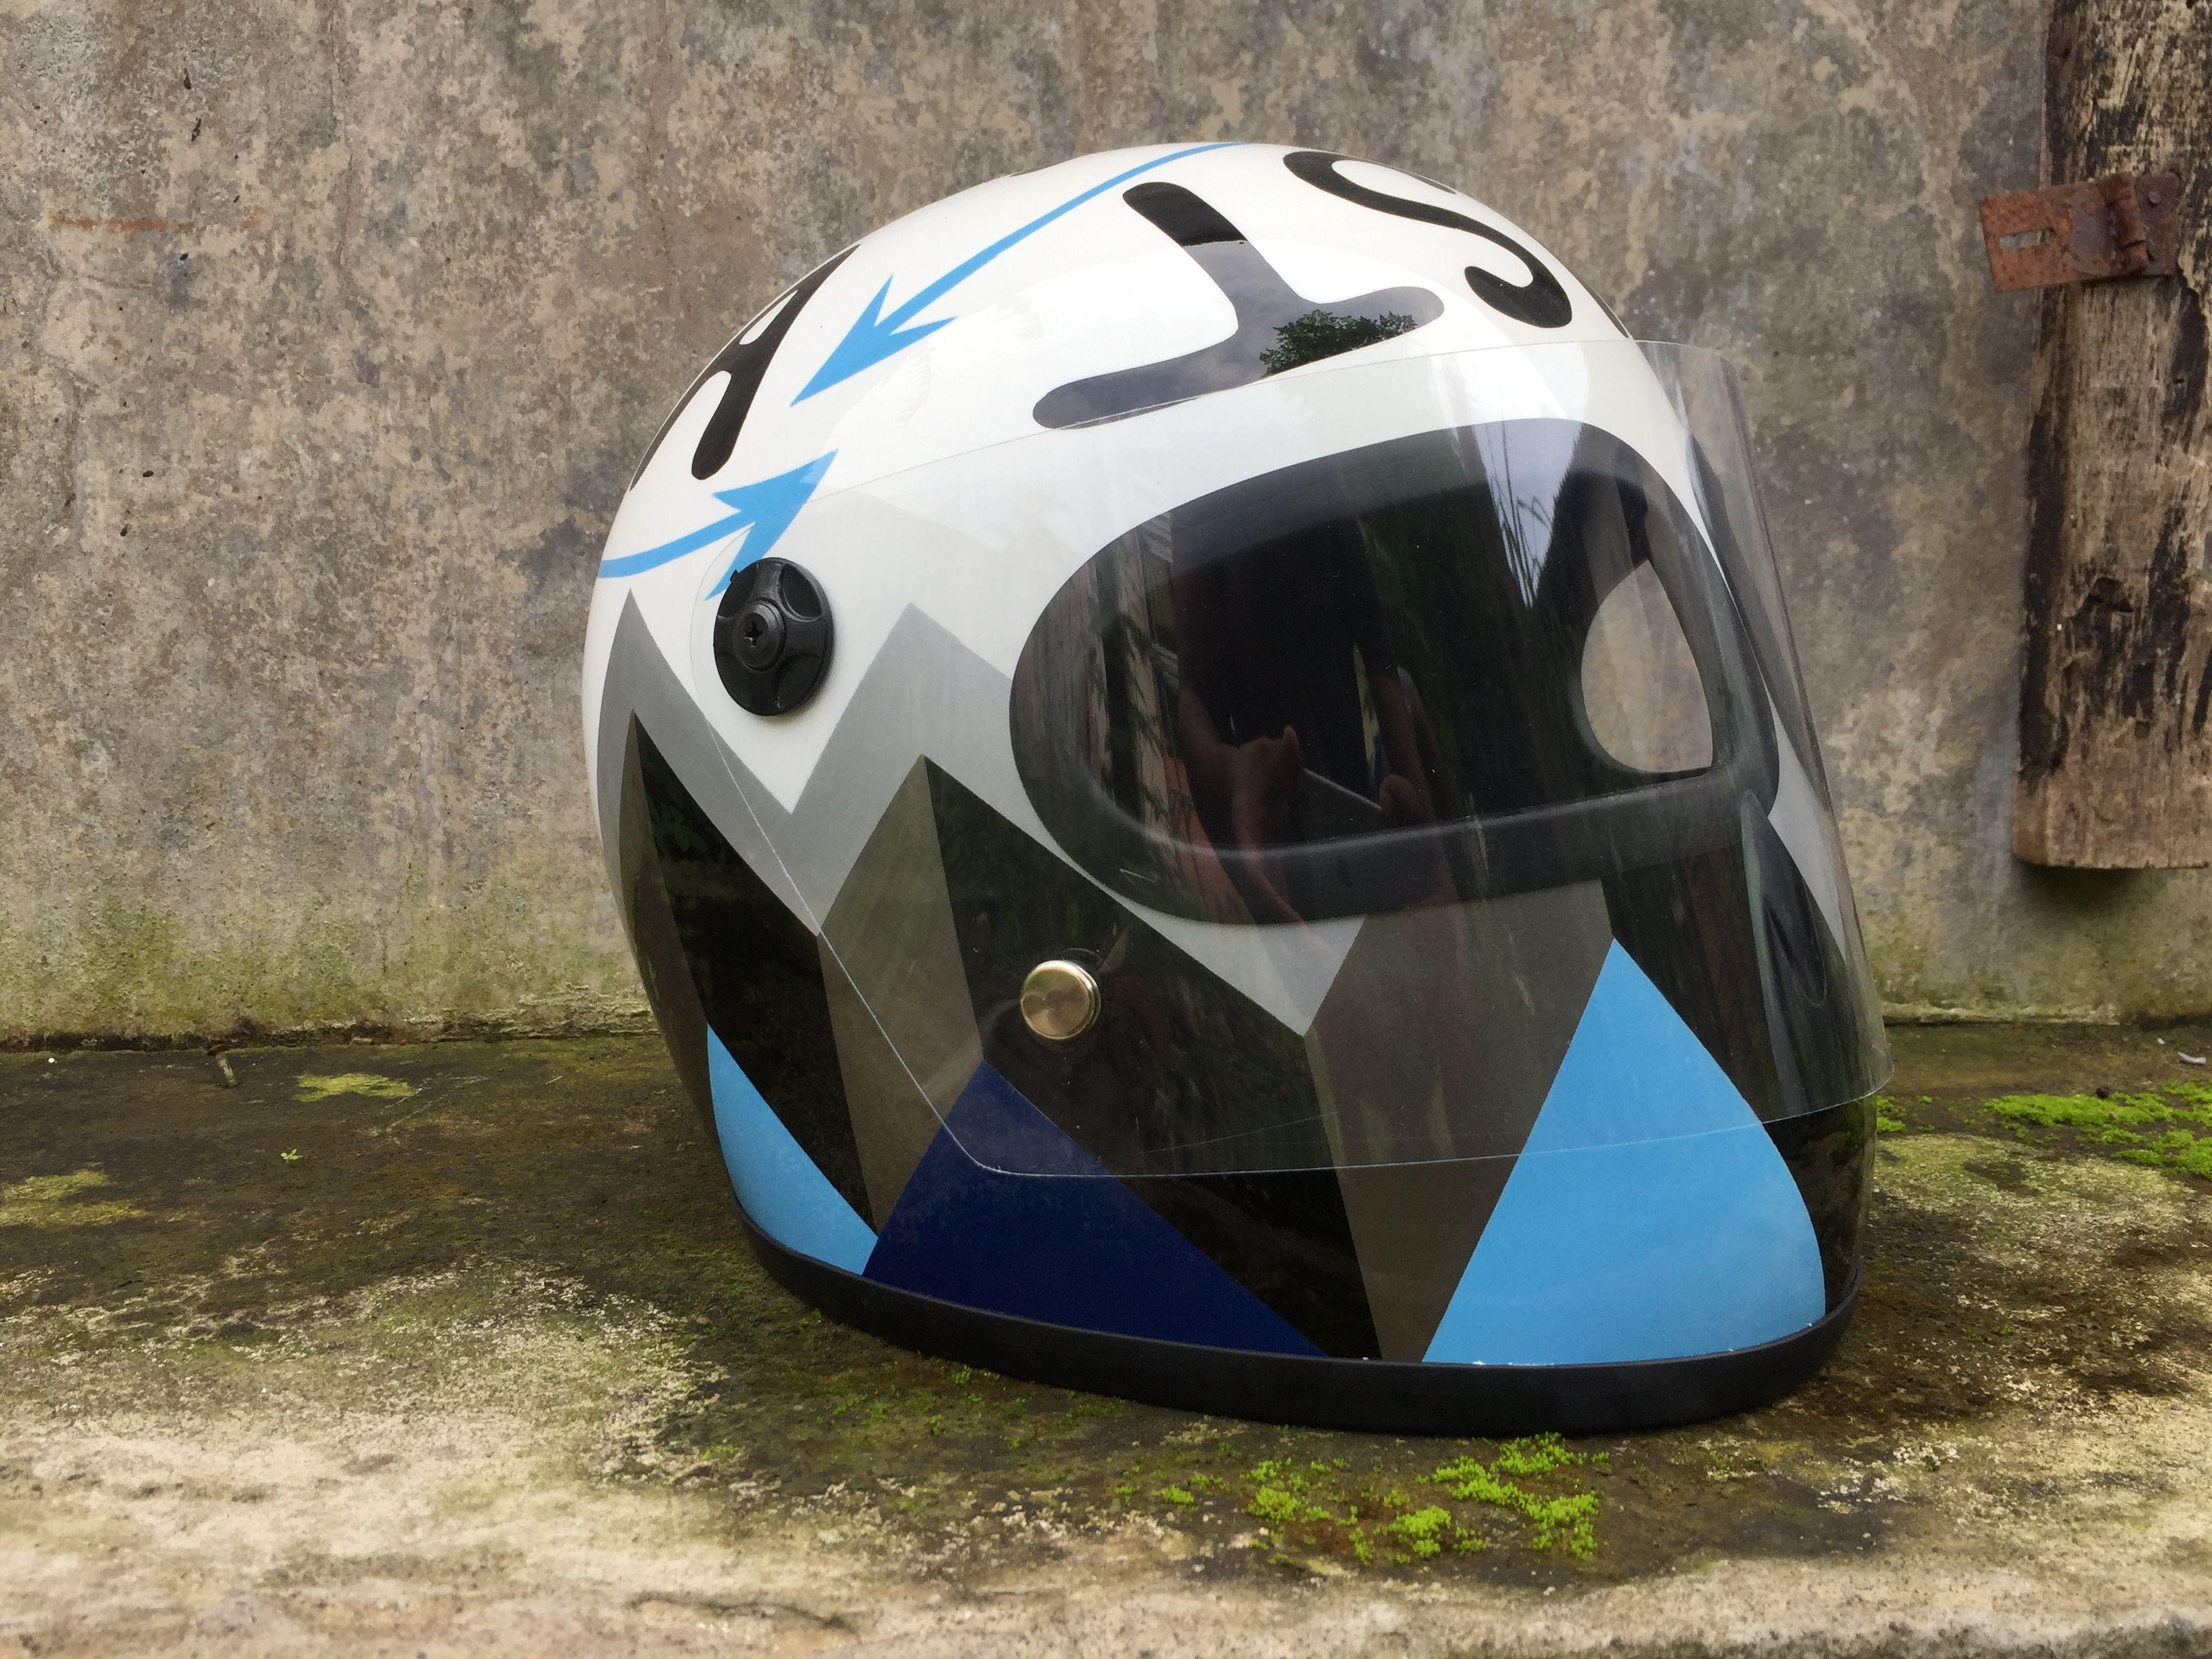 2019年5月のブログ記事一覧 Third Eye カスタムペイント デザイン バイクのカスタムヘルメット カスタムヘルメット カスタムペイント